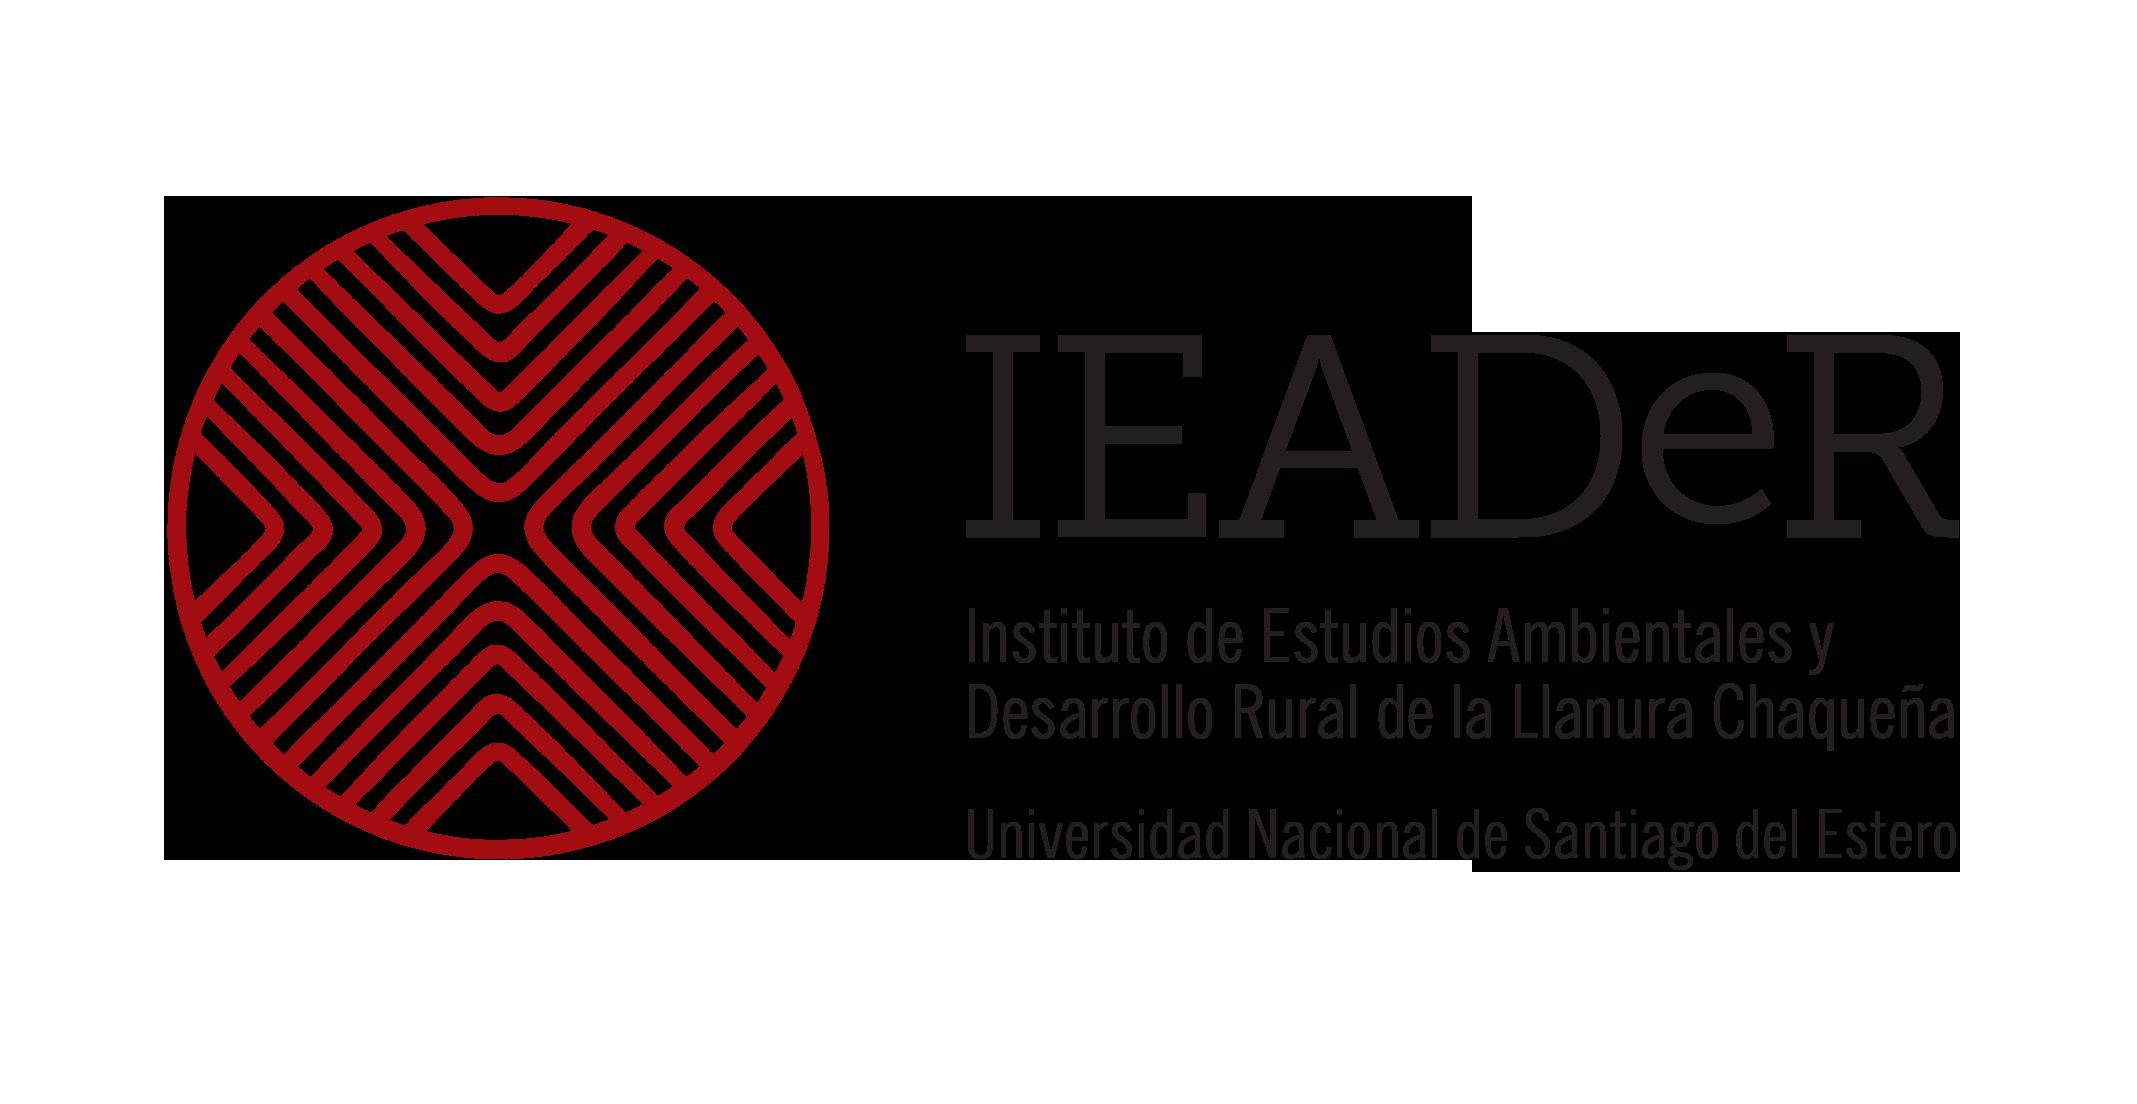 Instituto de Estudios Ambientales y Desarrollo Rural de la Llanura Chaqueña